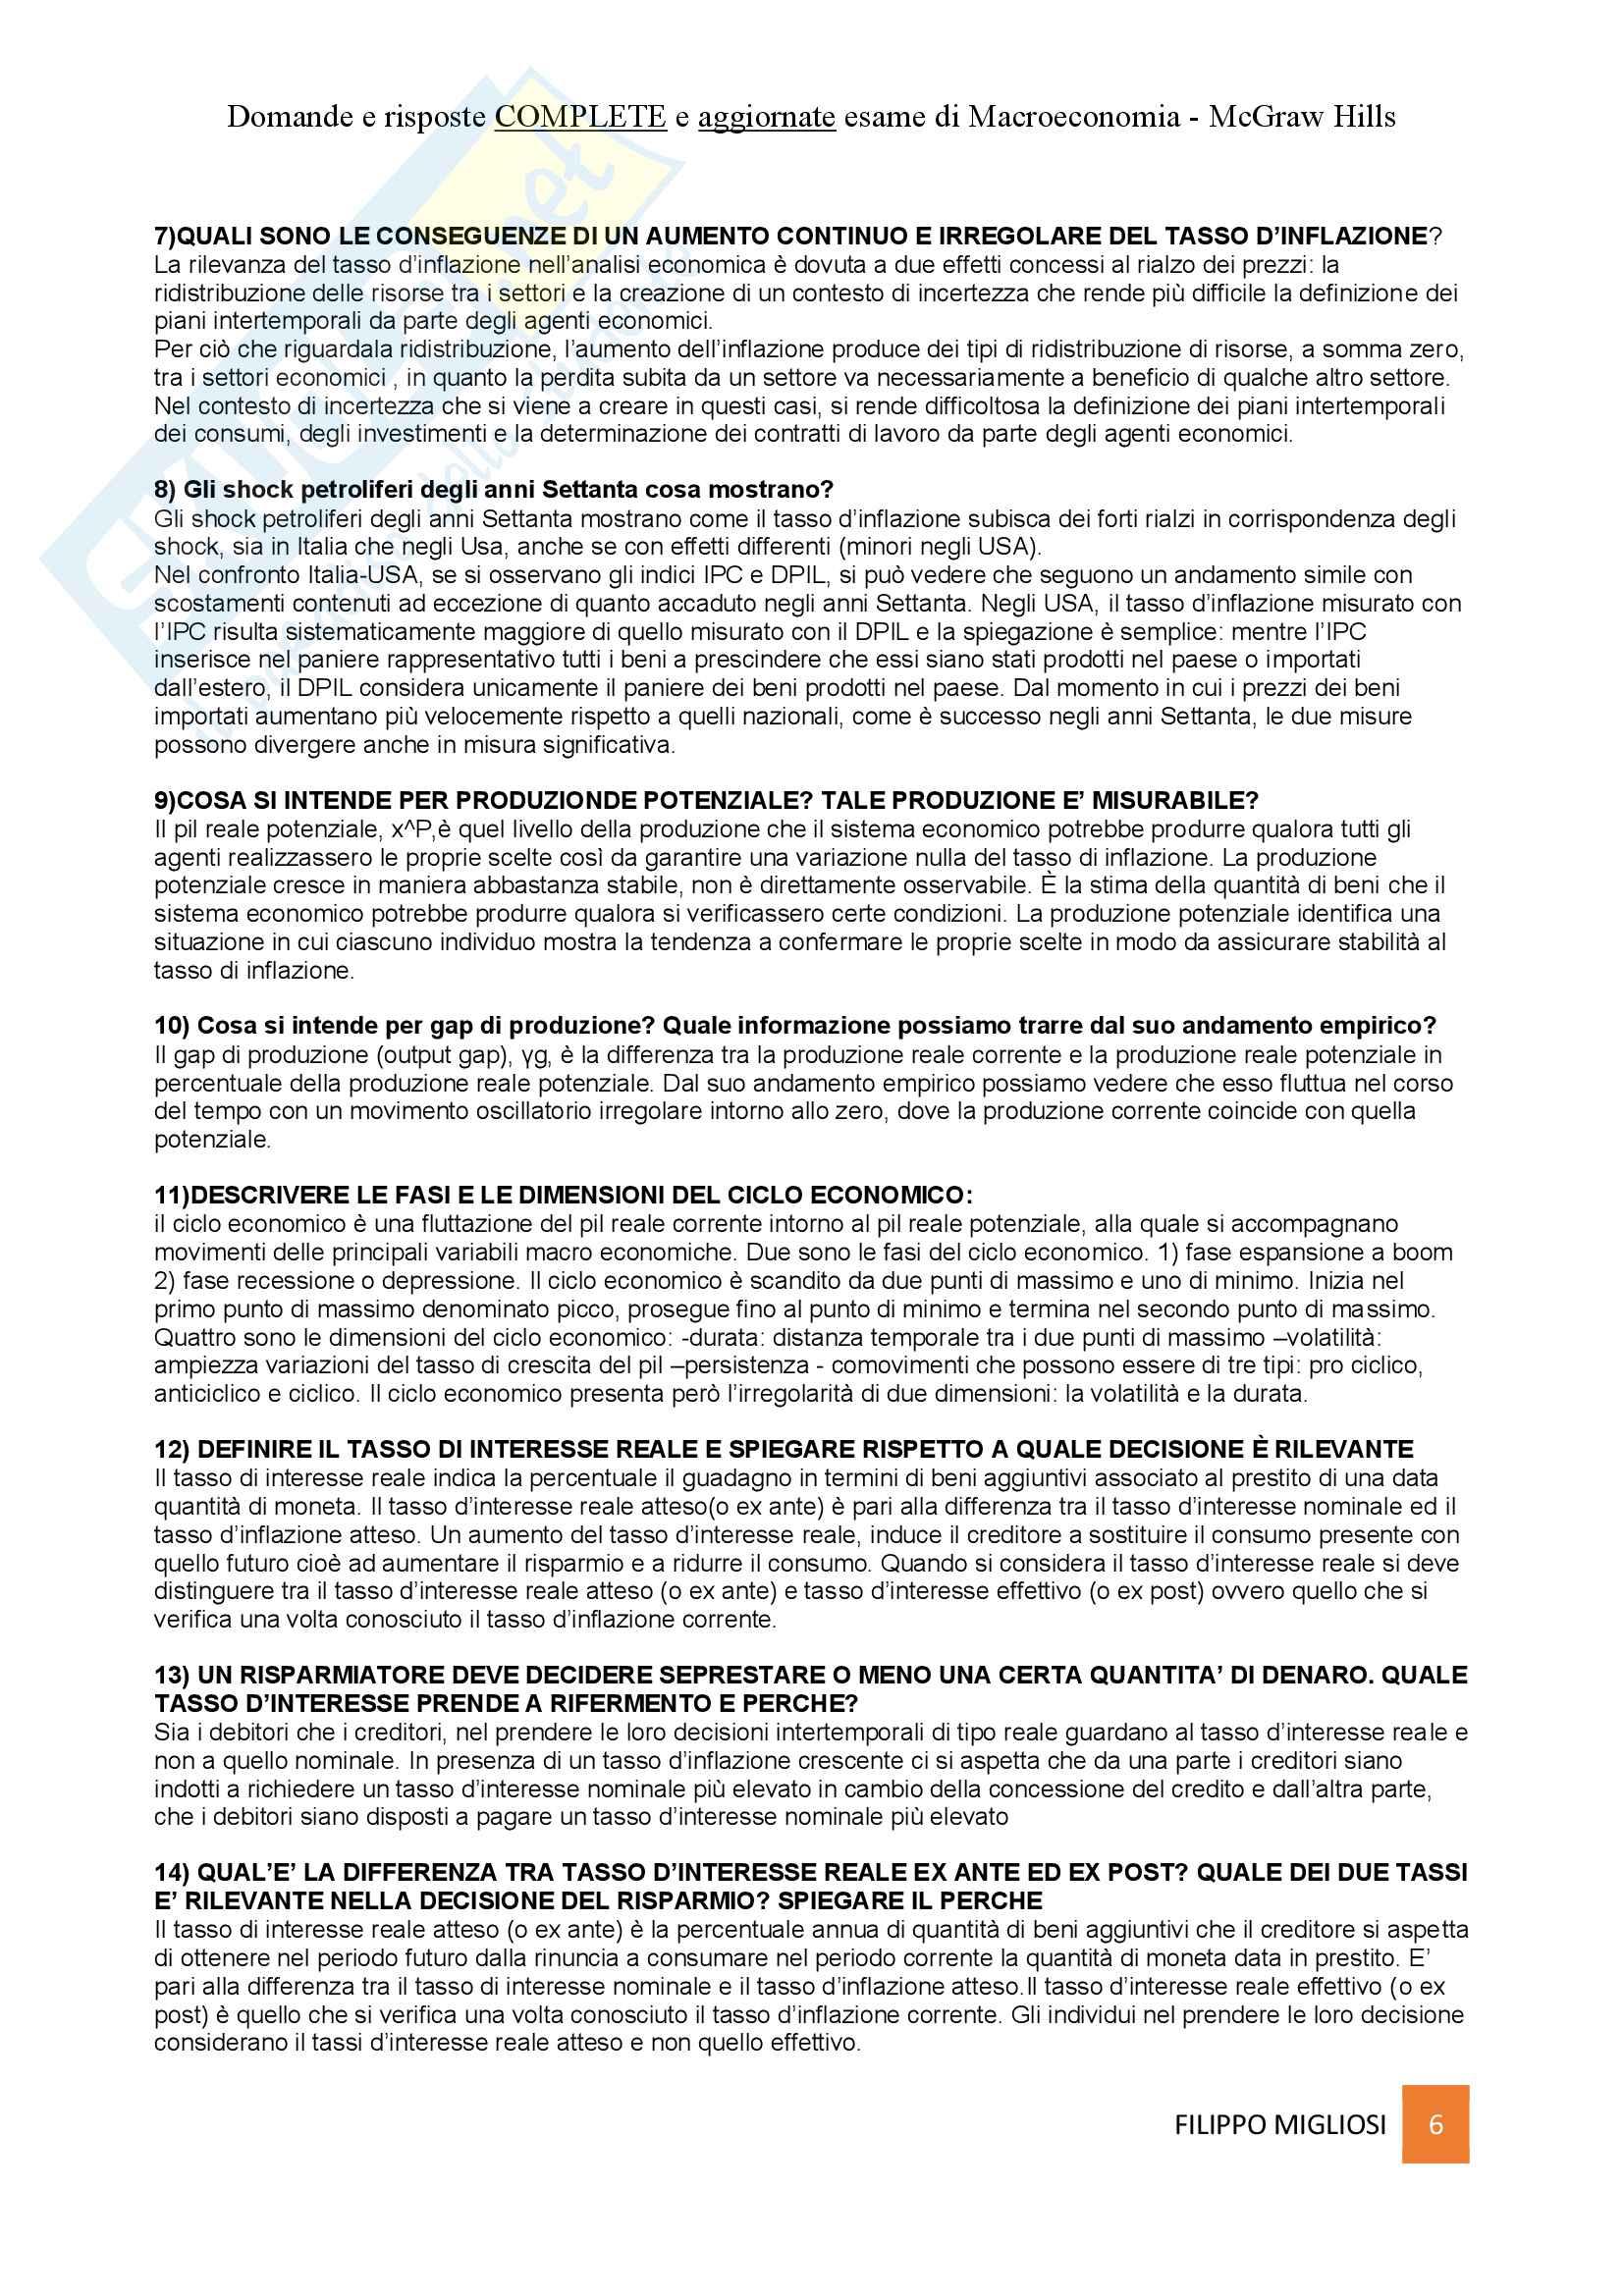 Macroeconomia - Mauro Visaggio - Risposte domande esame Pag. 6